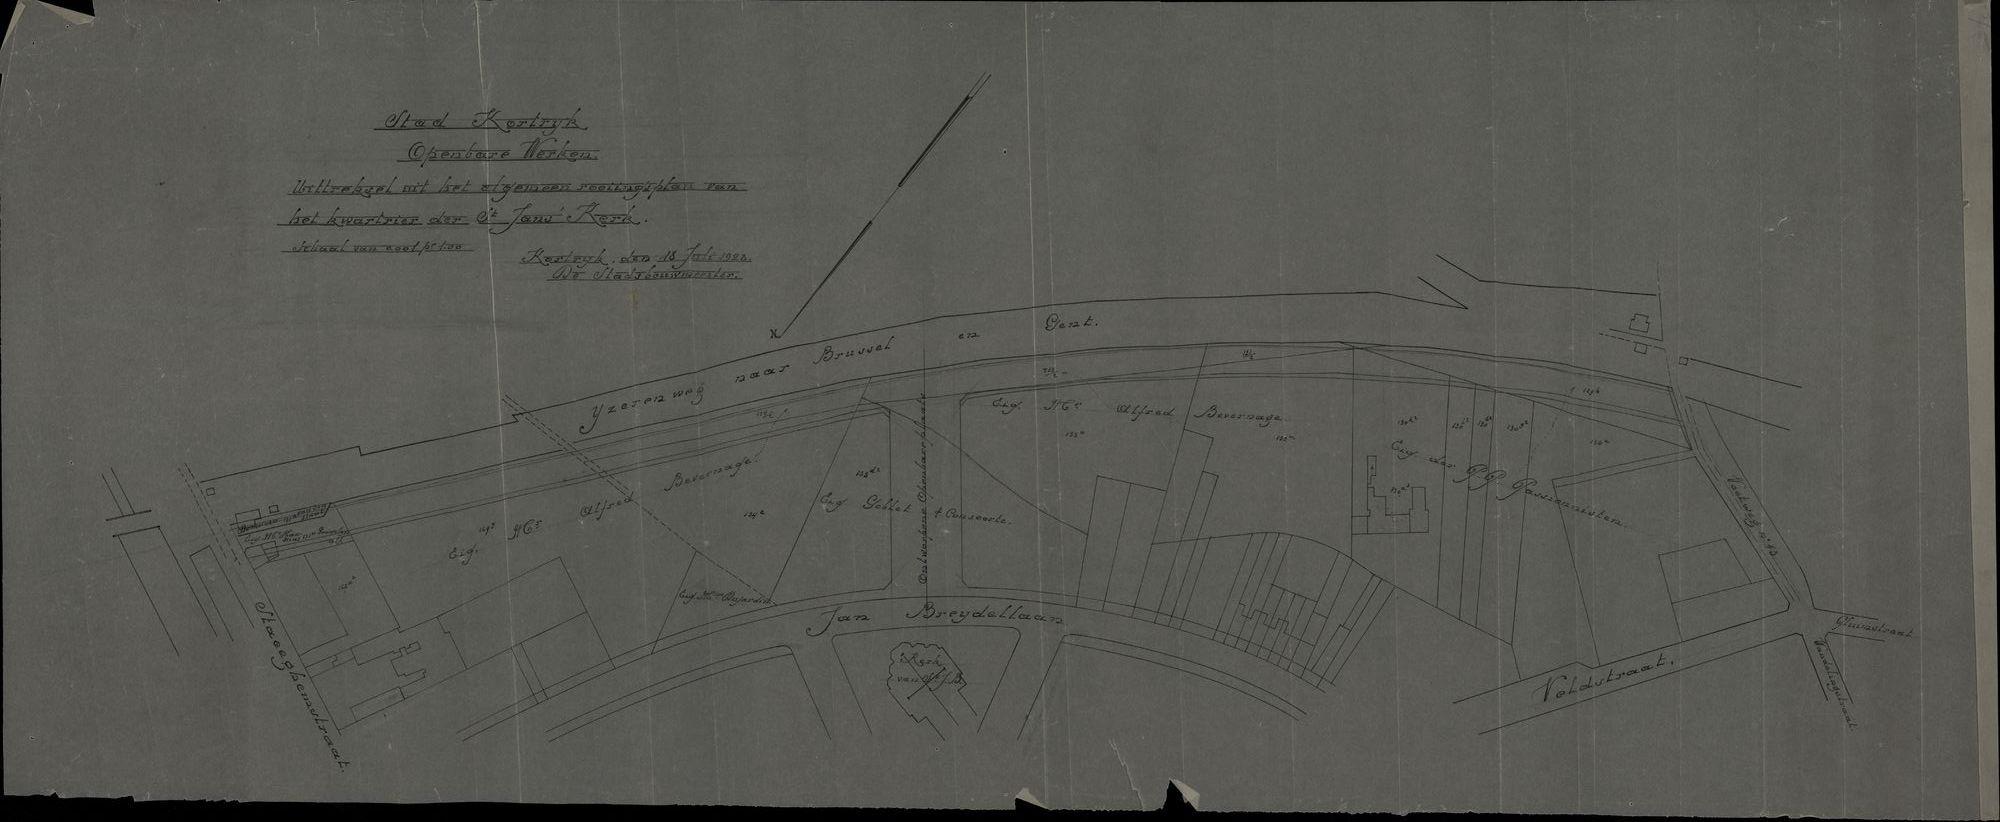 Uittreksel uit het algemeen rooiingsplan van het kwartier van de Sint-Janskerk te Kortrijk, 1923